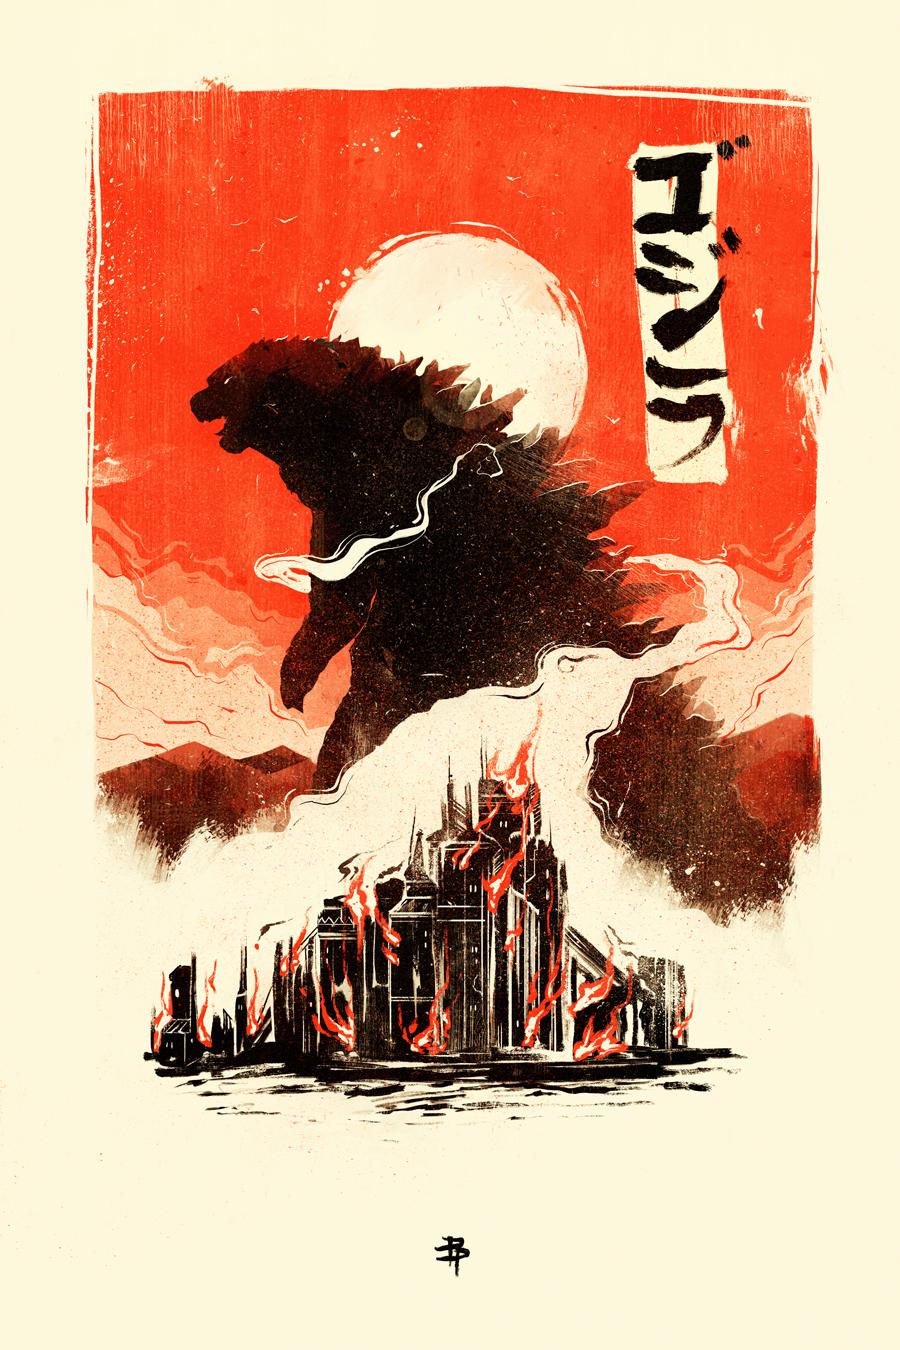 Godzilla by Marie Bergeron